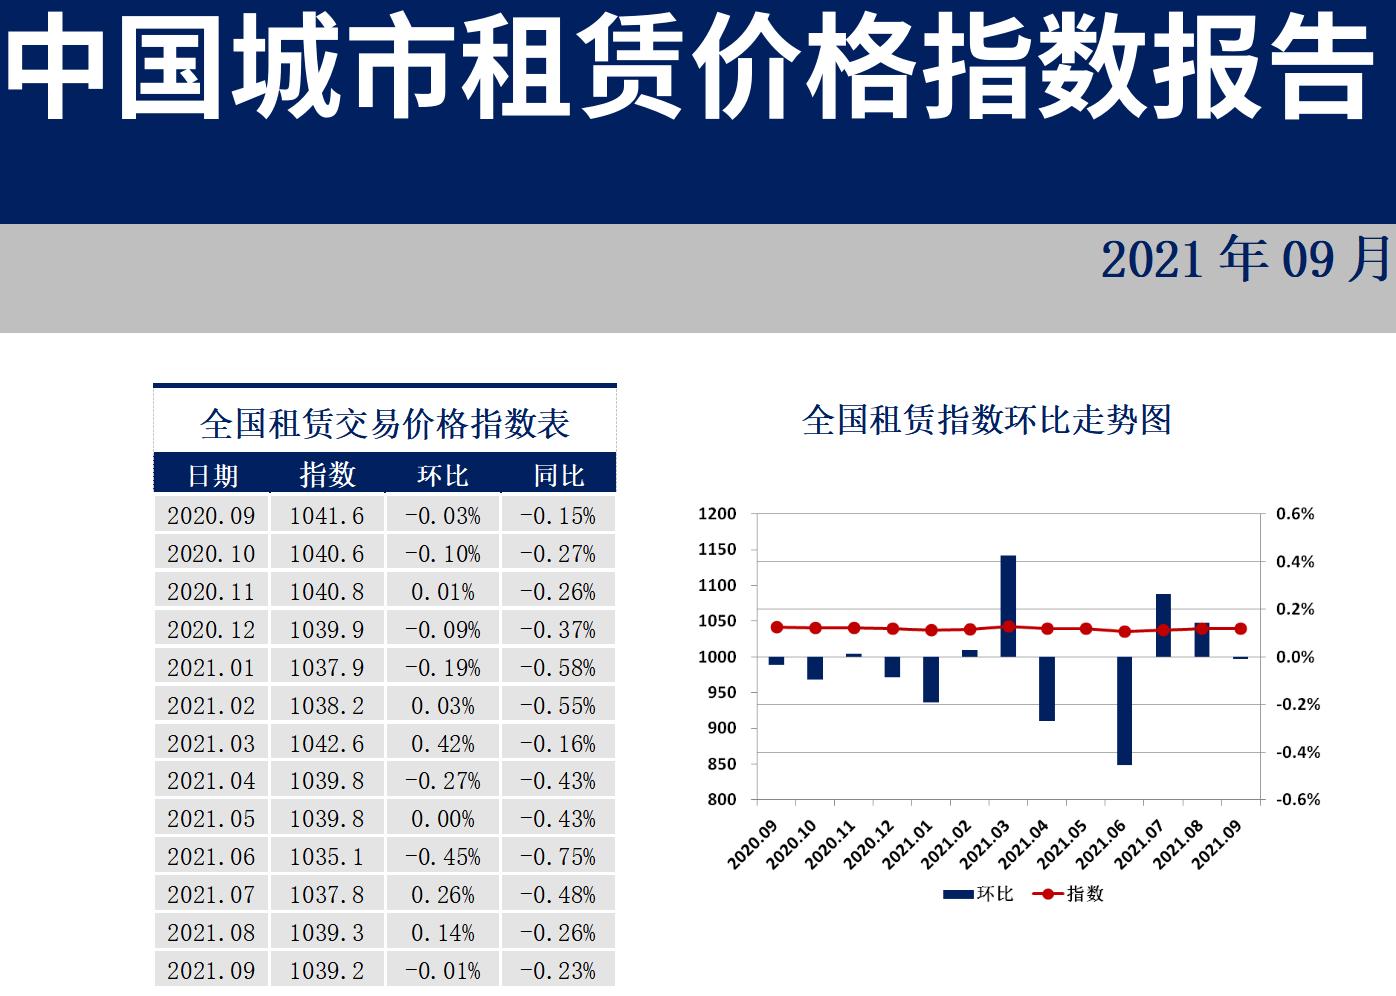 35城住房租赁价格指数发布:近八成都跌了